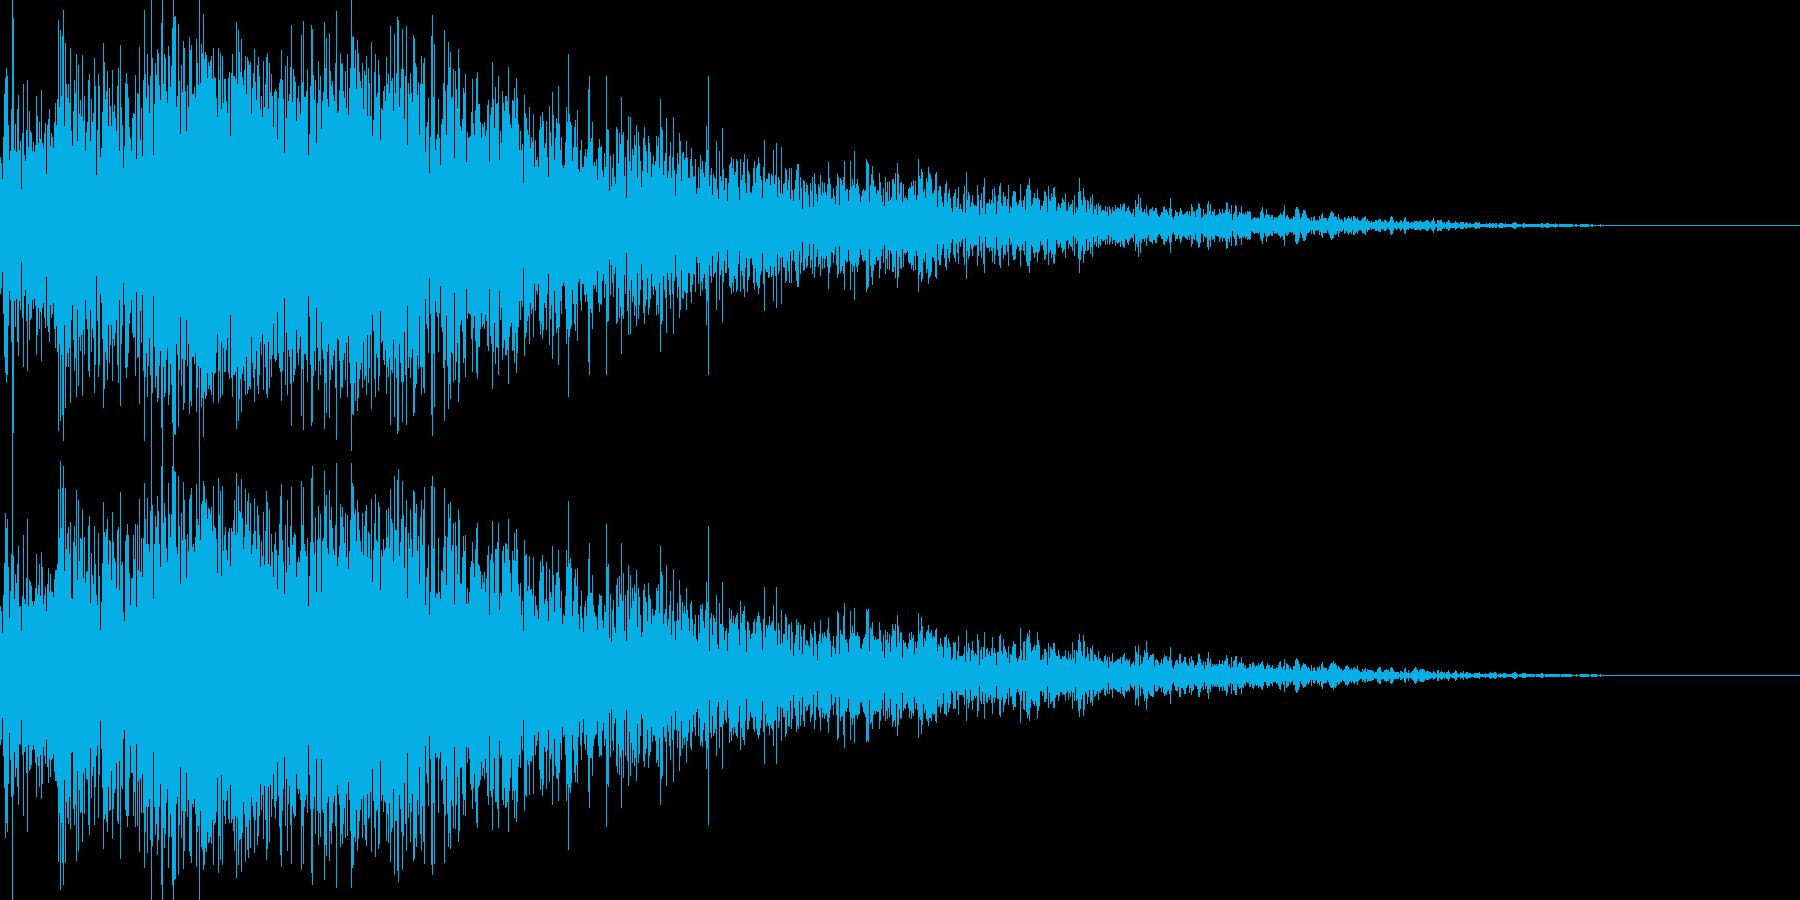 ロボット足音 タイプ11の再生済みの波形